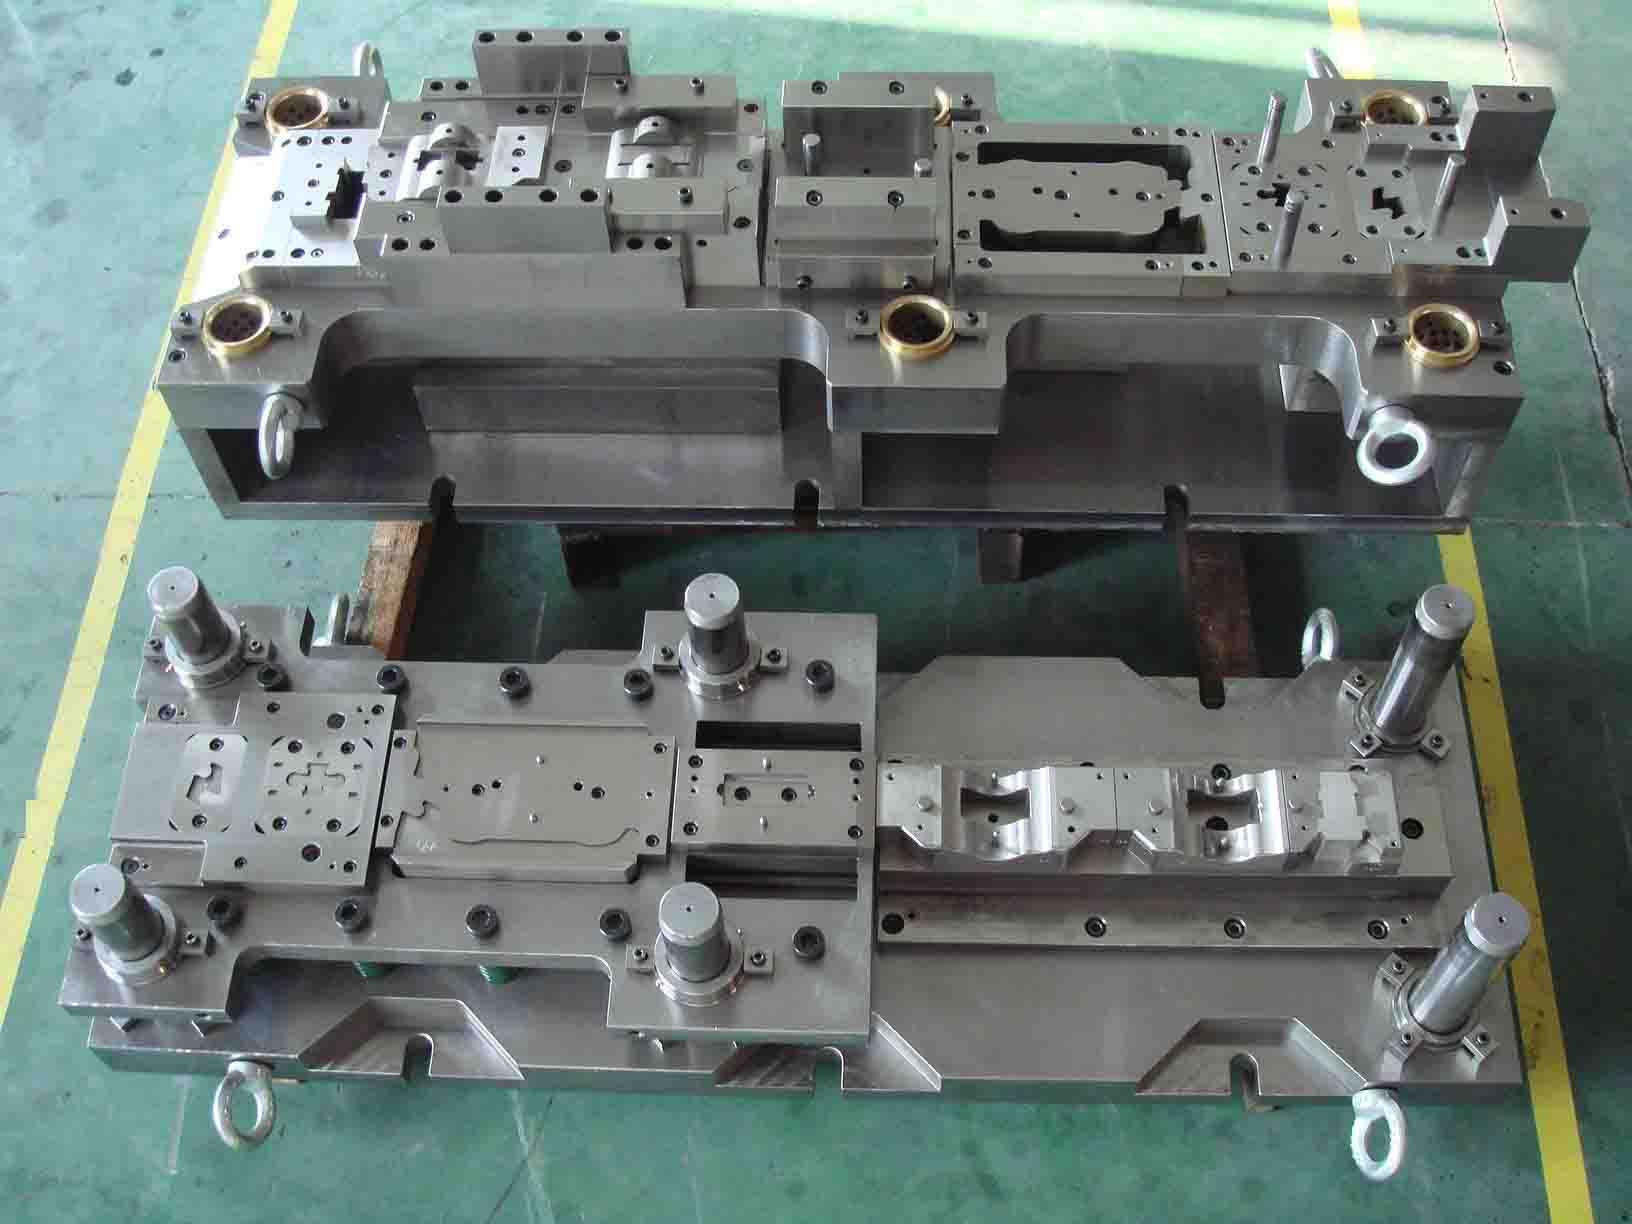 รับผลิตแม่พิมพ์ปั๊มโลหะชิ้นส่วนเครื่องจักรการประมวลผลของตัวกรอง 15130817167 ถุงลมนิรภัย